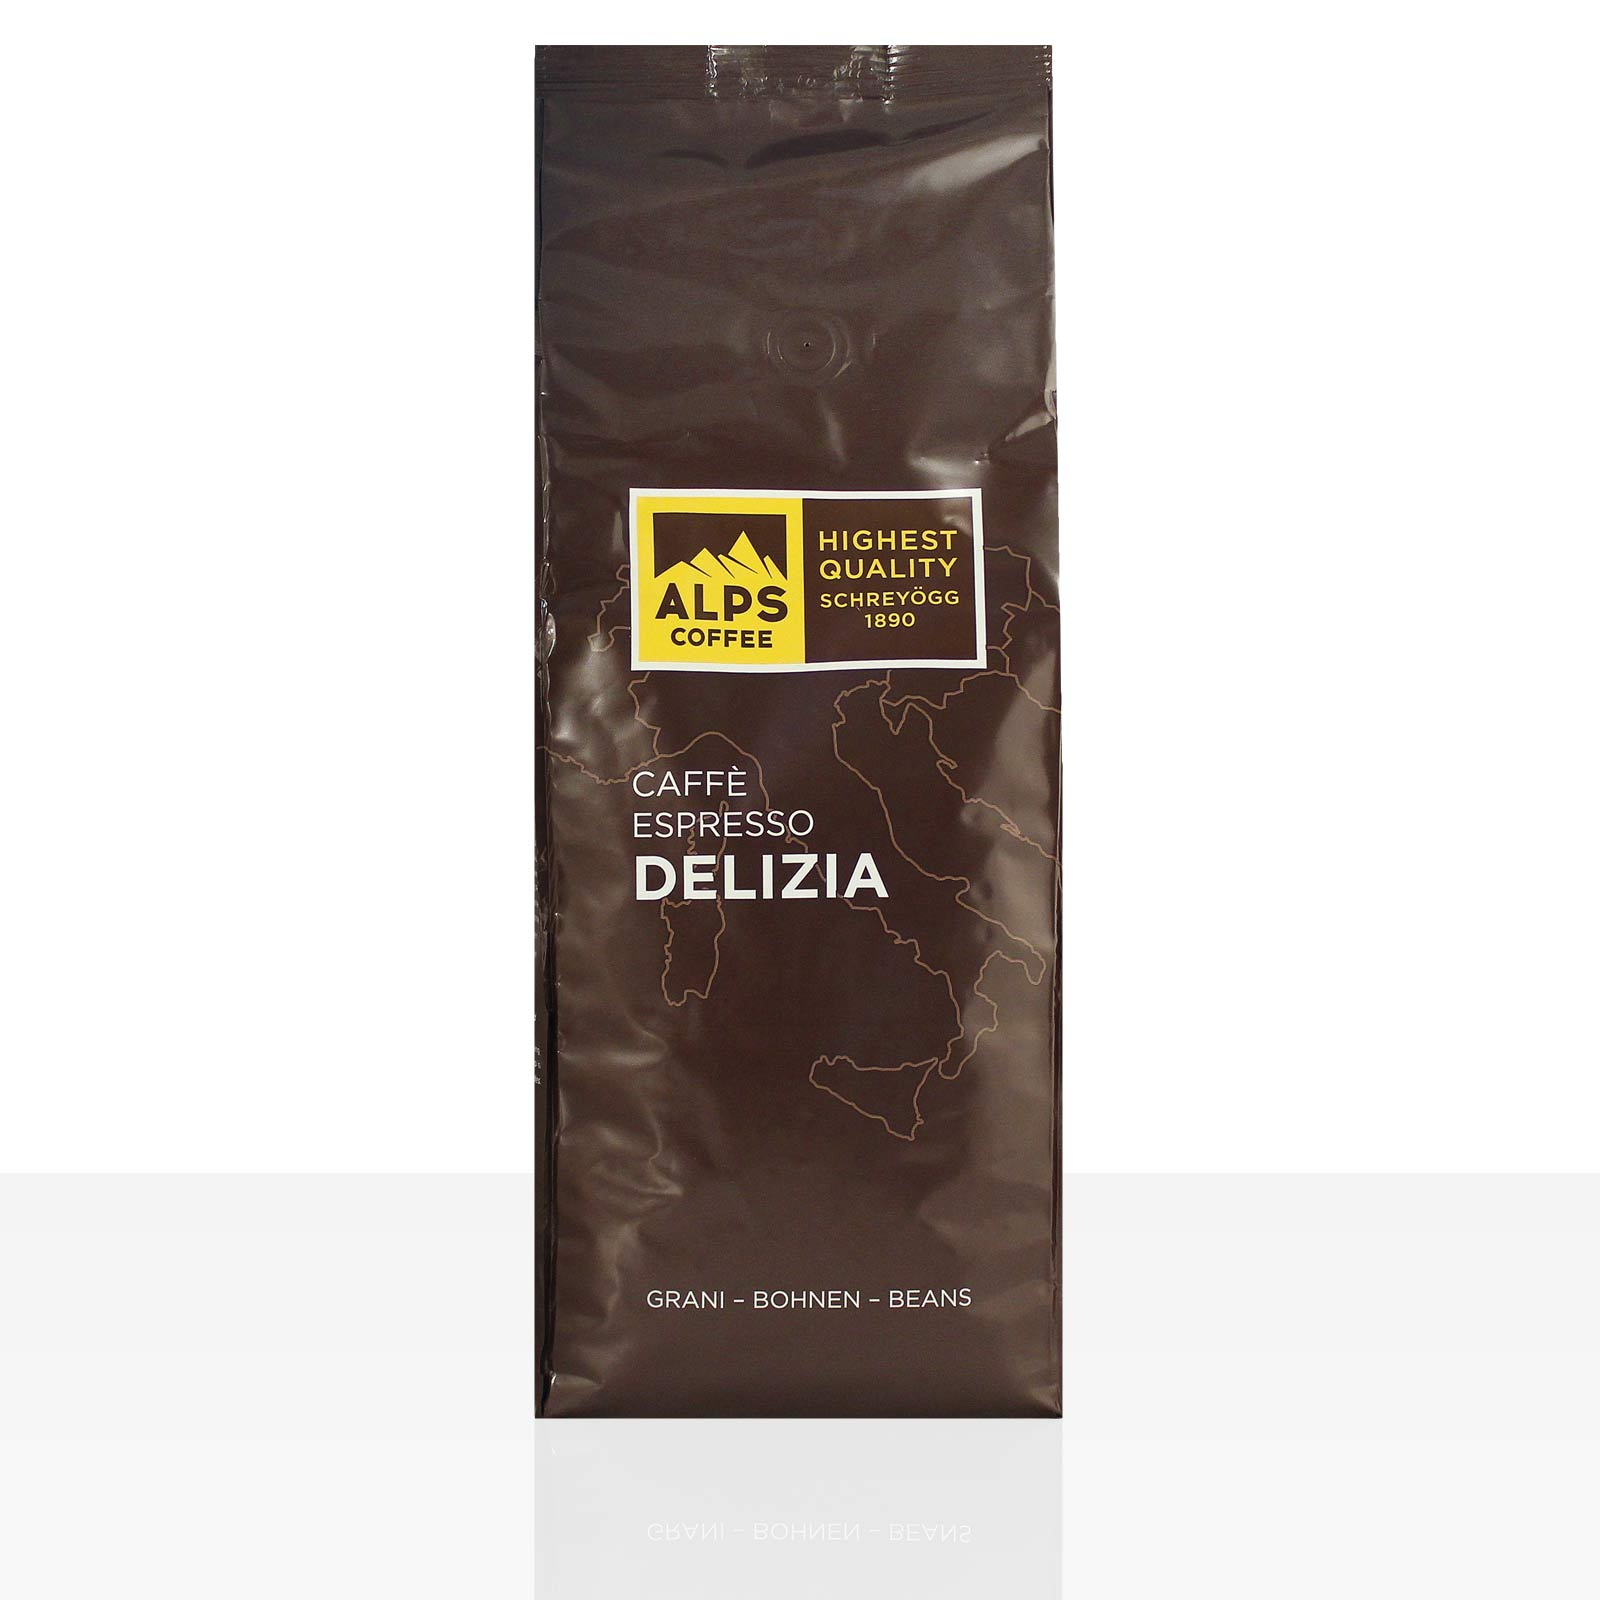 Schreyögg Caffe Espresso Delizia 1kg Kaffee ganze Bohne